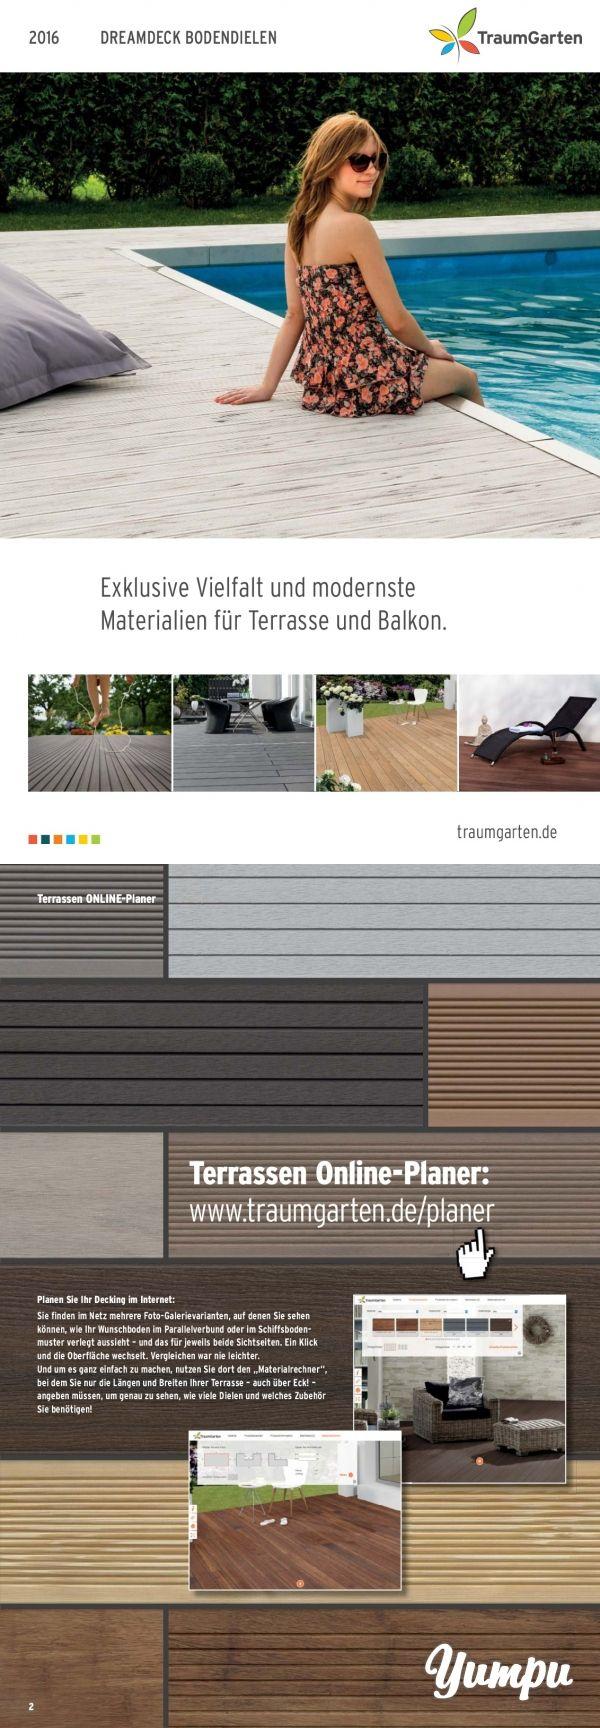 traumgarten - trendige beläge für ihren balkon oder terrasse, Moderne